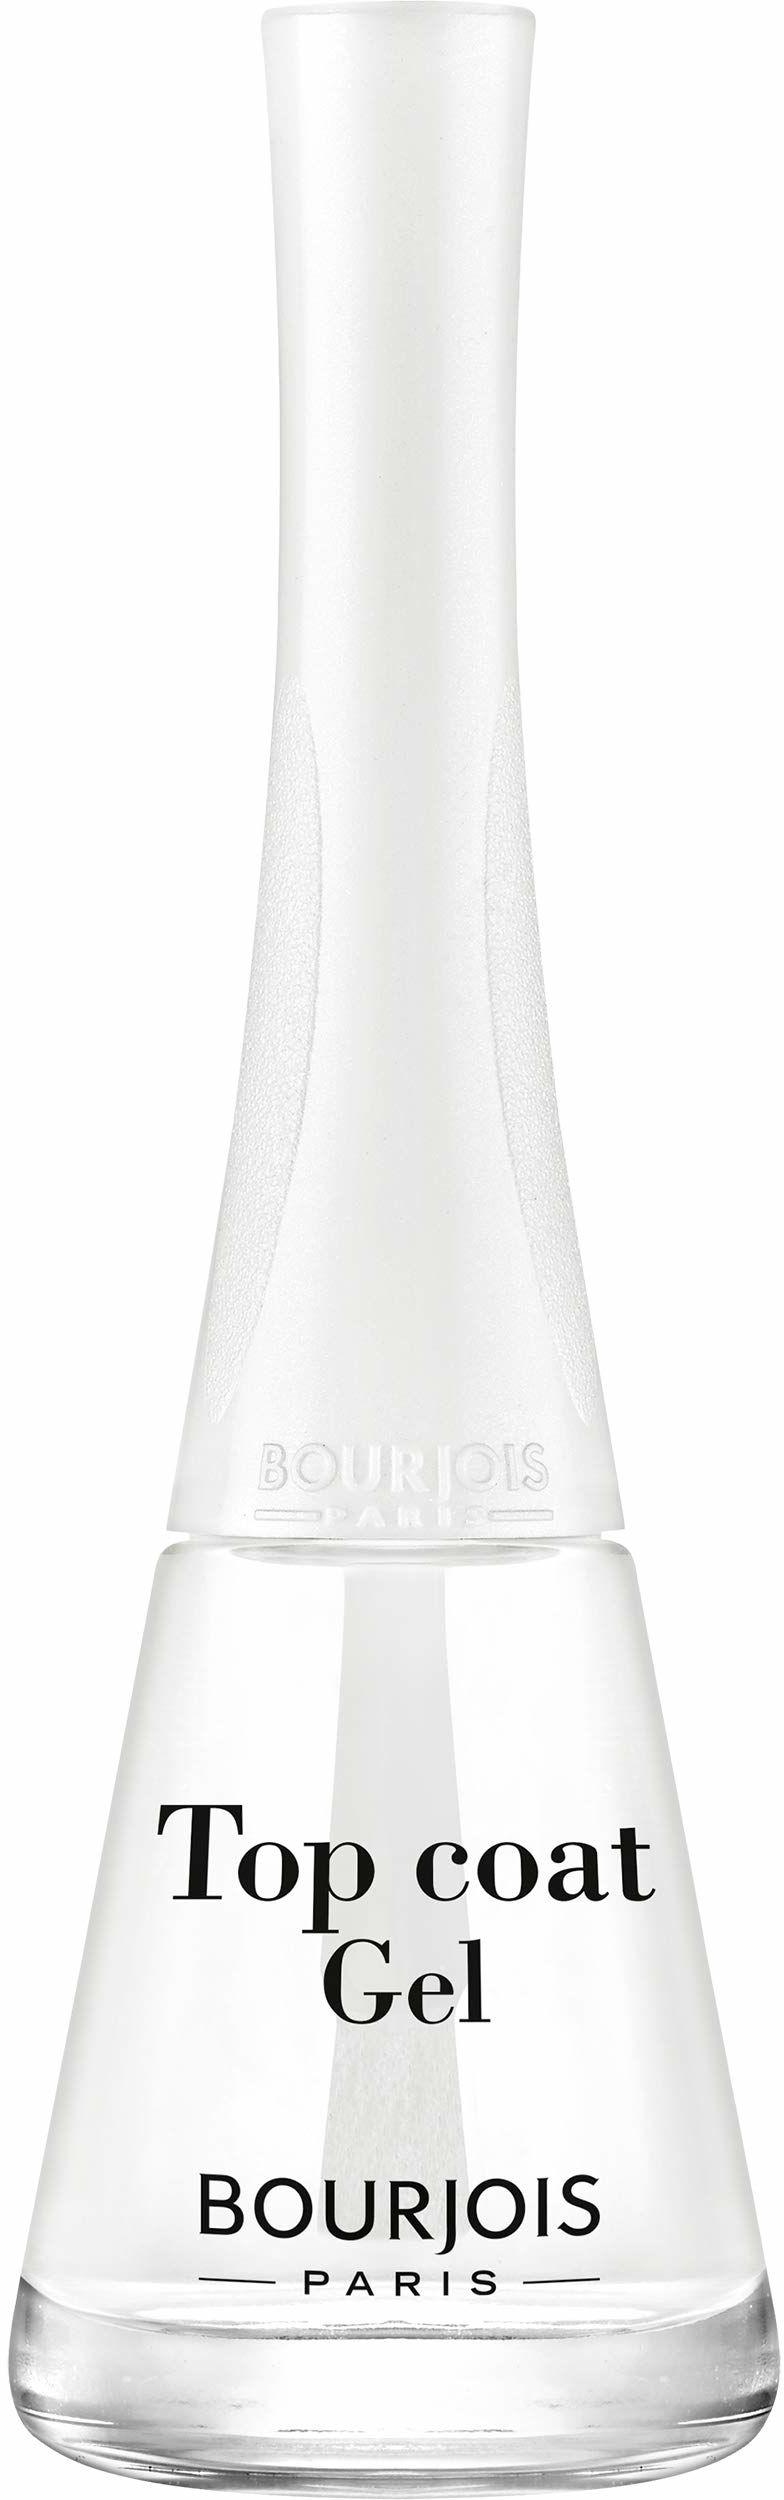 Bourjois Lakier do paznokci, 1 sekunda Top Coat, przedłuża utrzymanie lakieru do paznokci  pędzel panoramiczny  03 Top Coat, żel, 9 ml